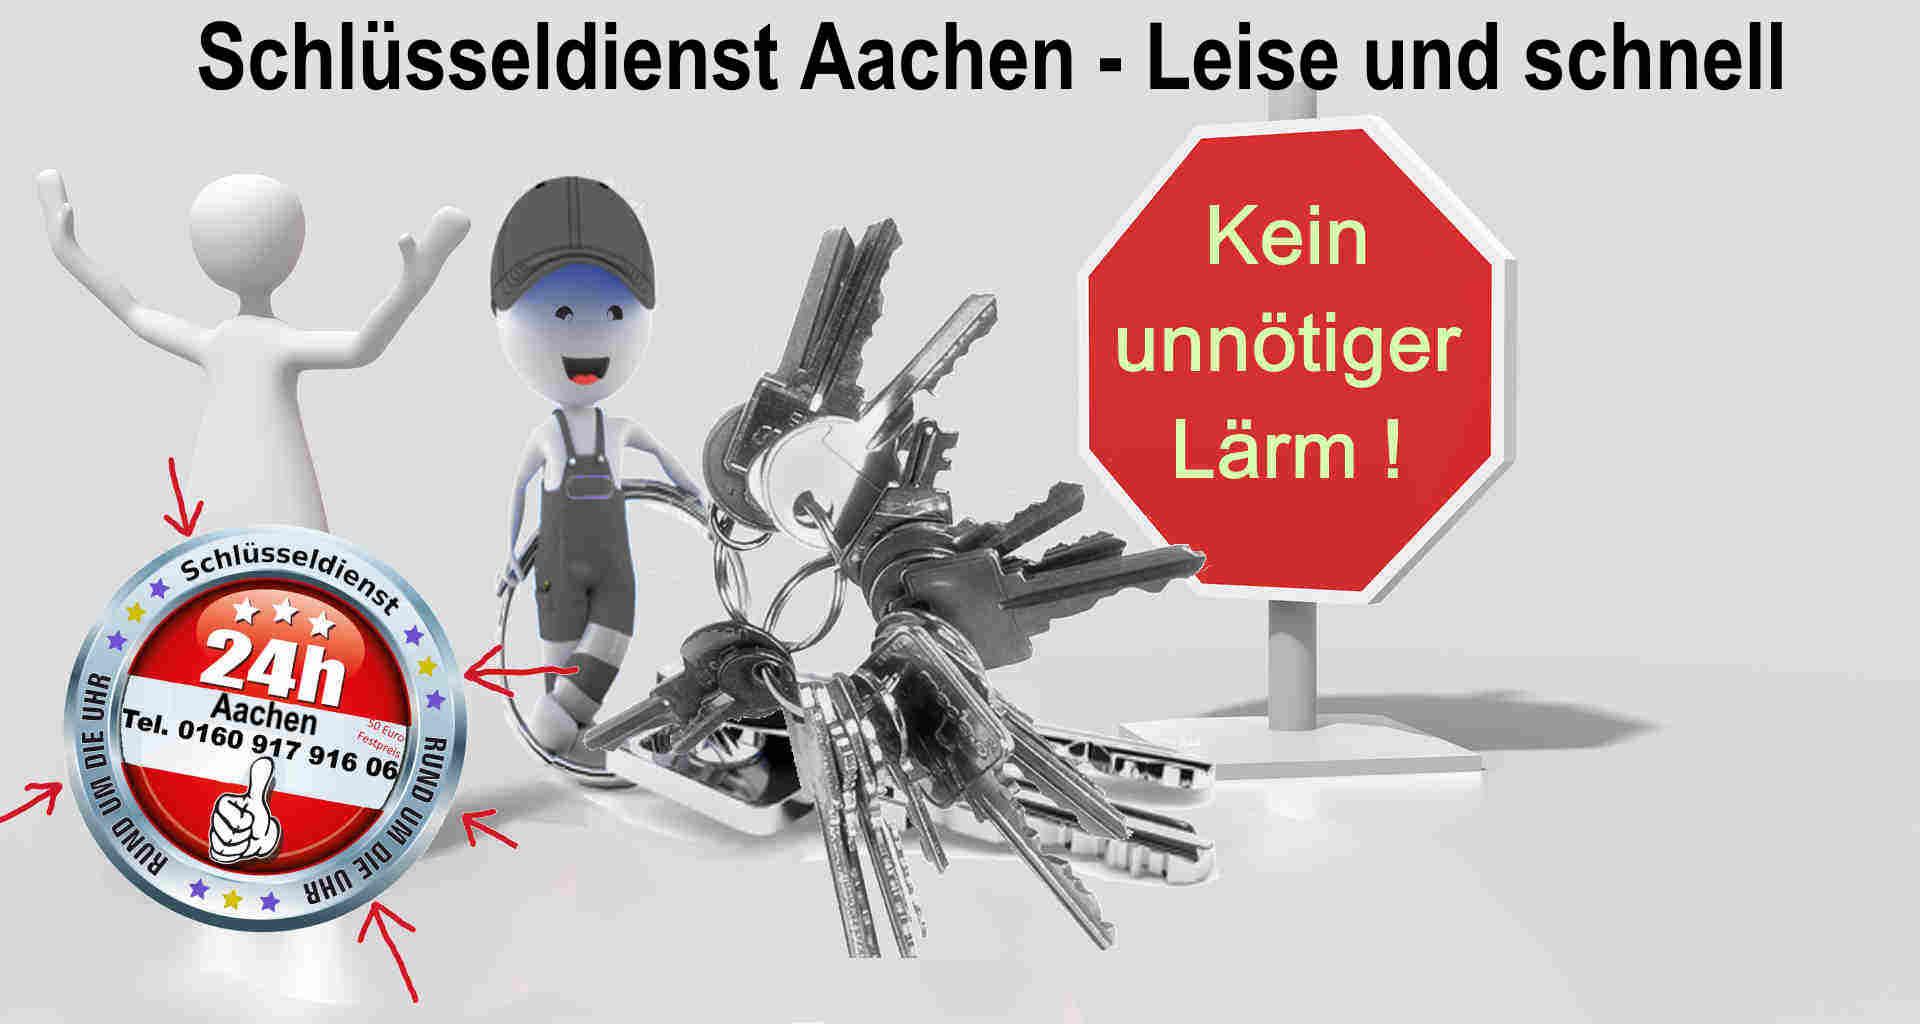 Schlüsseldienst Aachen - Kein unnötiger Lärm ! Diskret und Schnell zum Festpreis